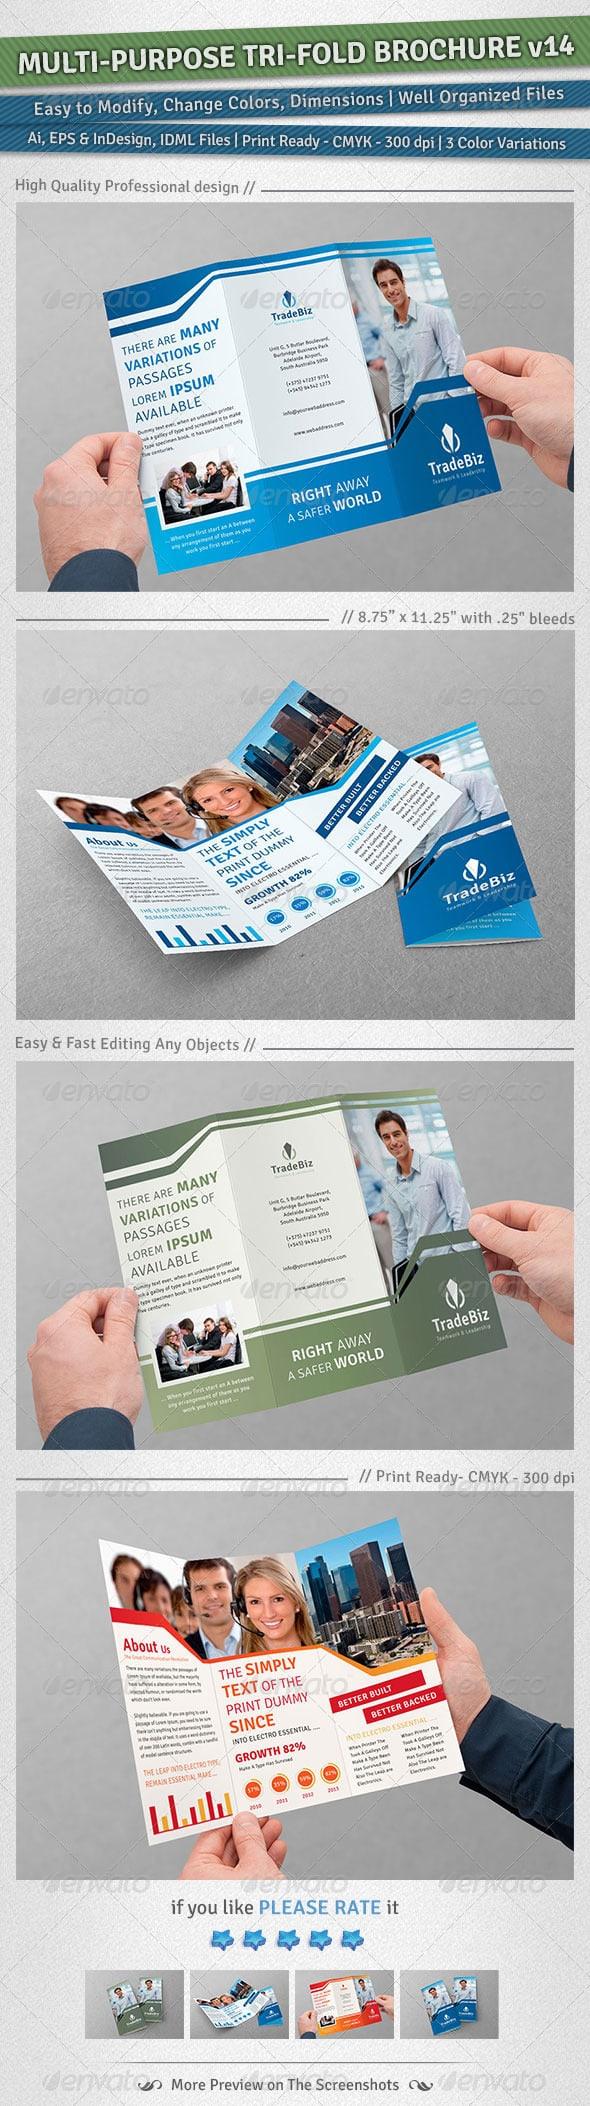 Multi-purpose Tri-Fold Brochure